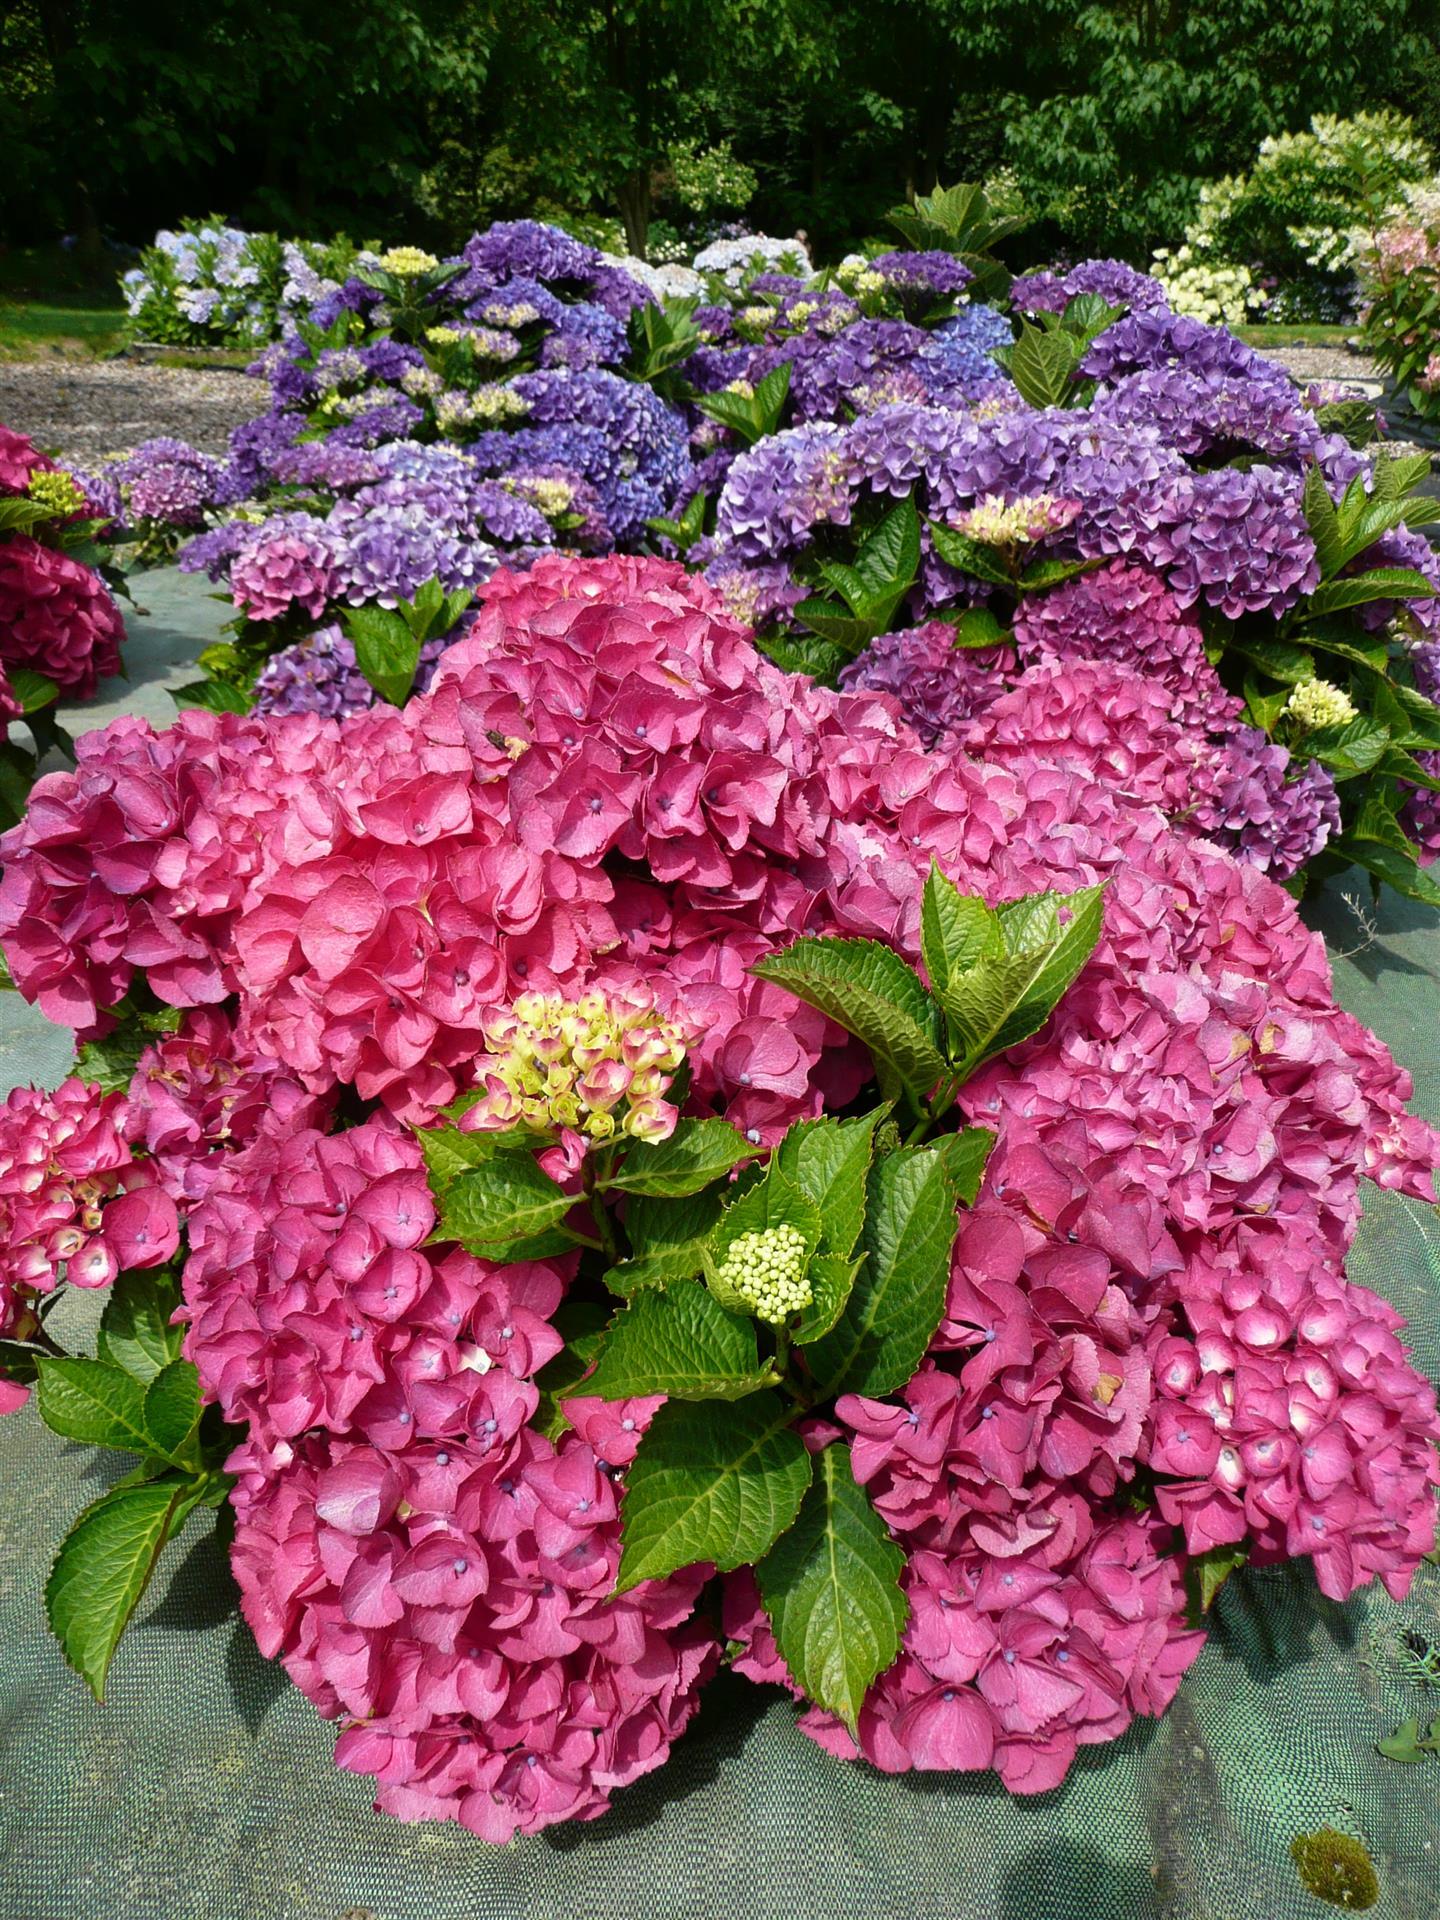 Arbuste Pour Terrain Calcaire l'hortensia, un arbuste coloré et simple d'entretien